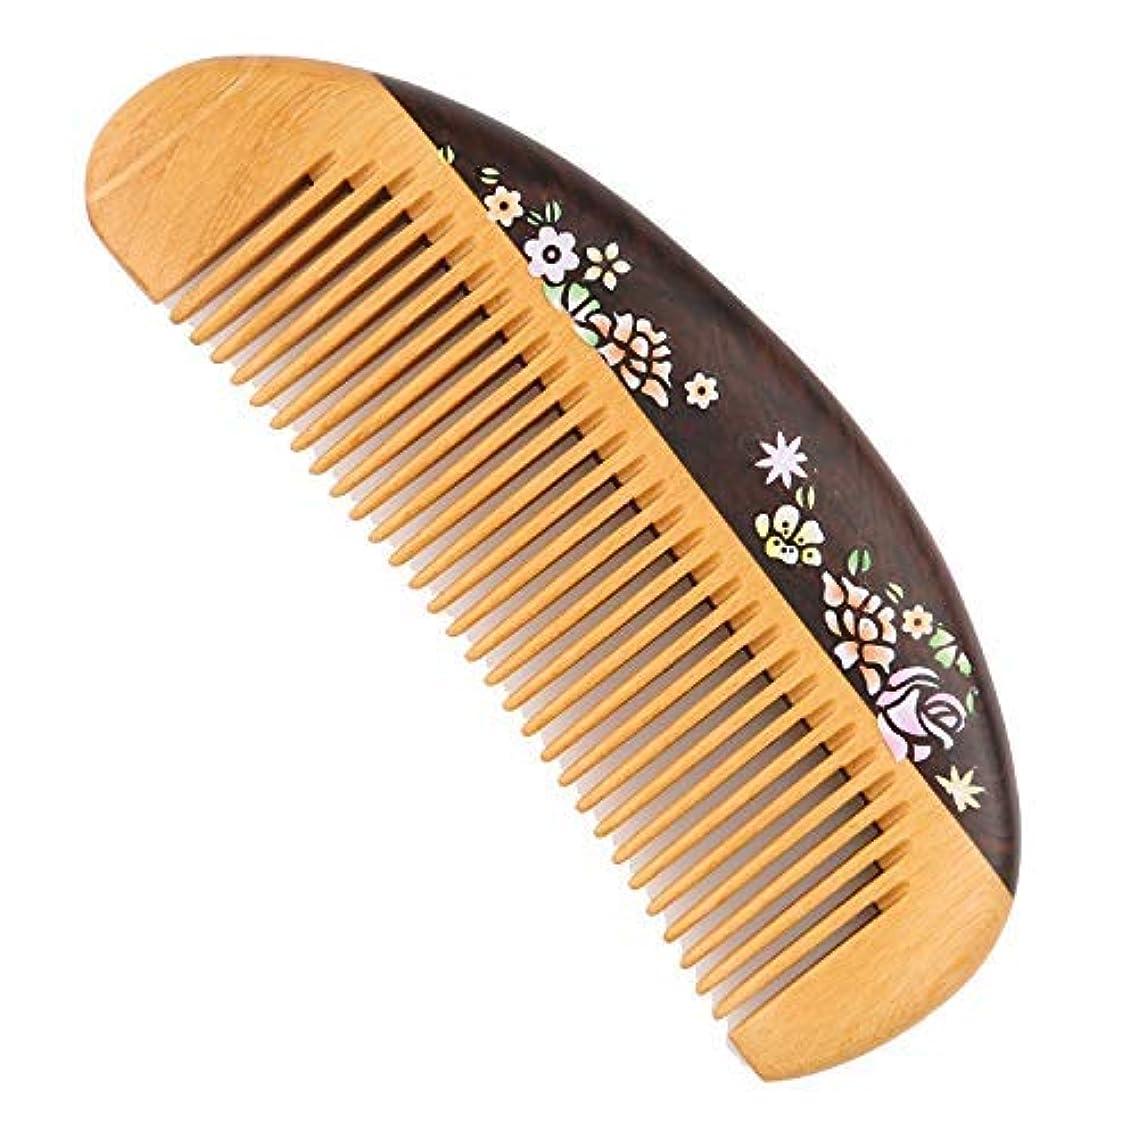 ペンス流全滅させるFine Tooth Wooden Comb [Gift Box] -LilyComb No Static Pocket Wood Comb for Girl and Women- Birthday Anniversary...